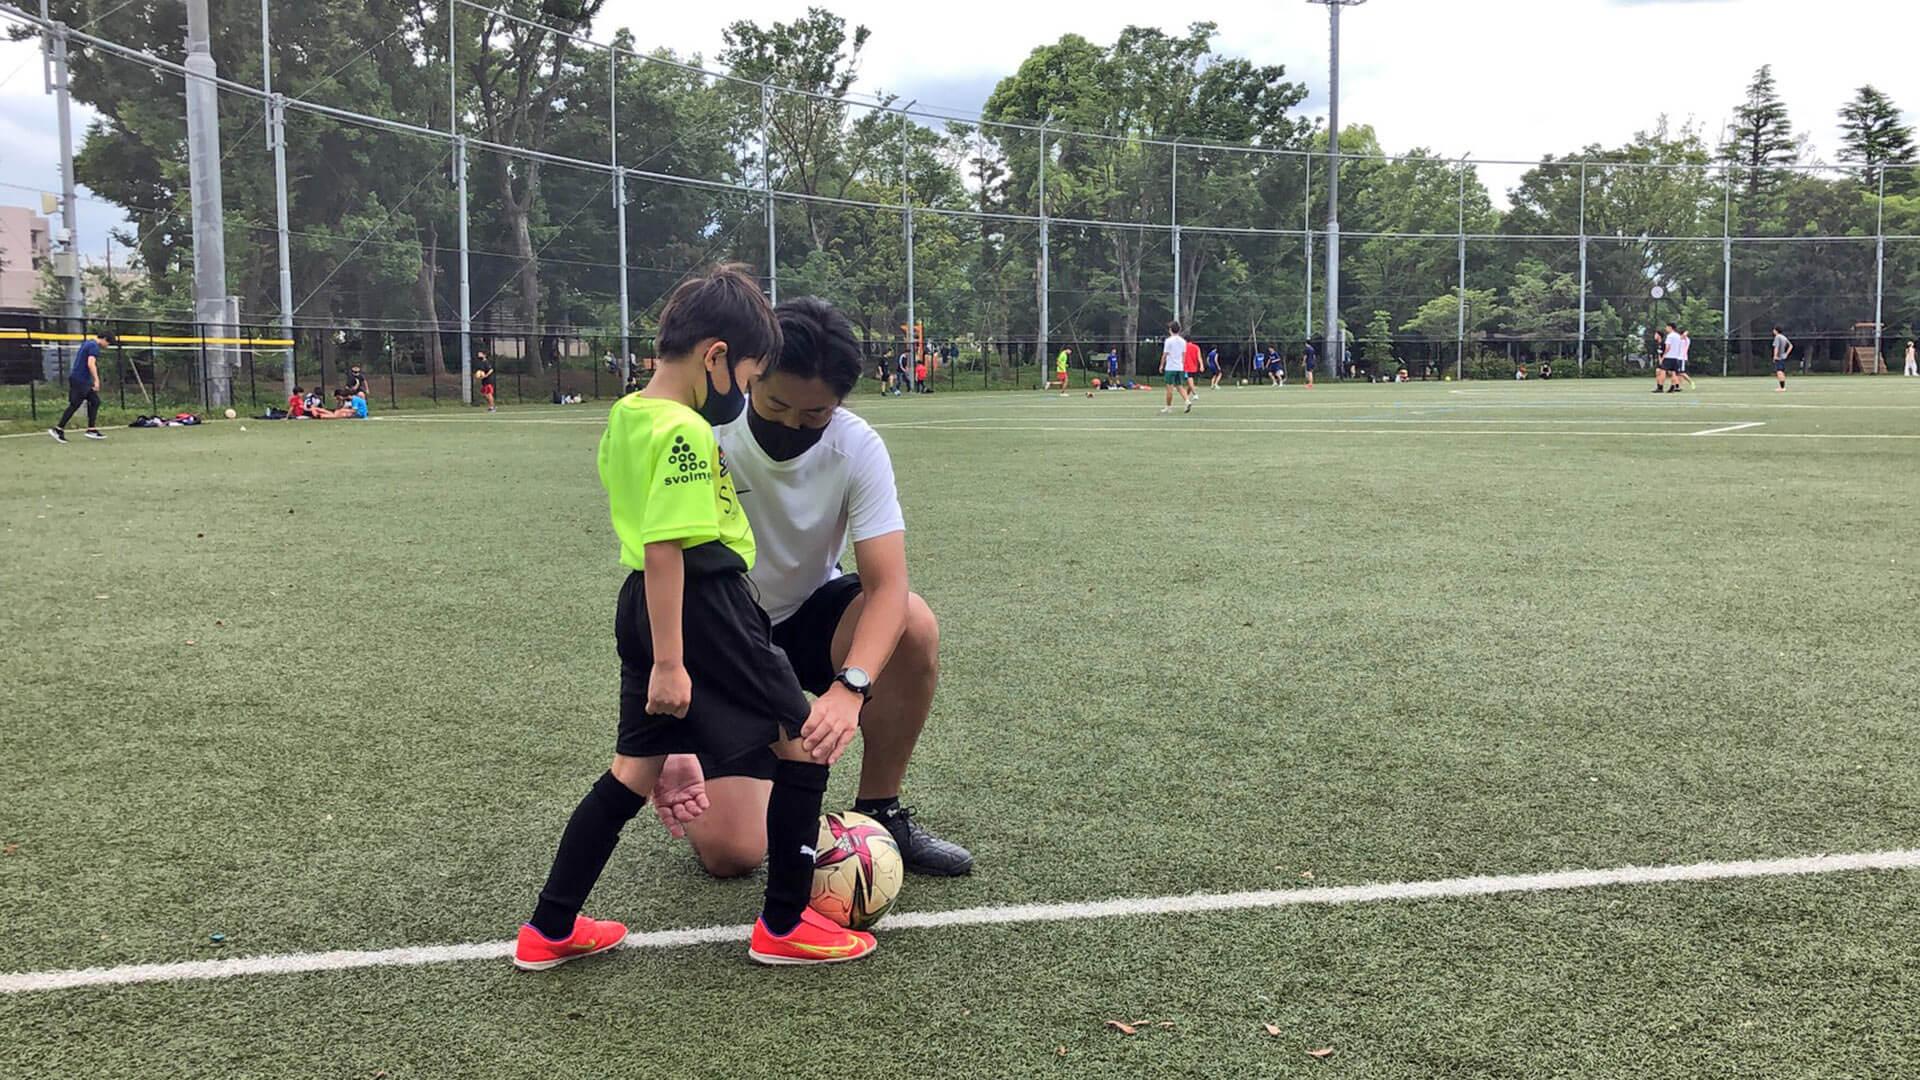 coaching-passing